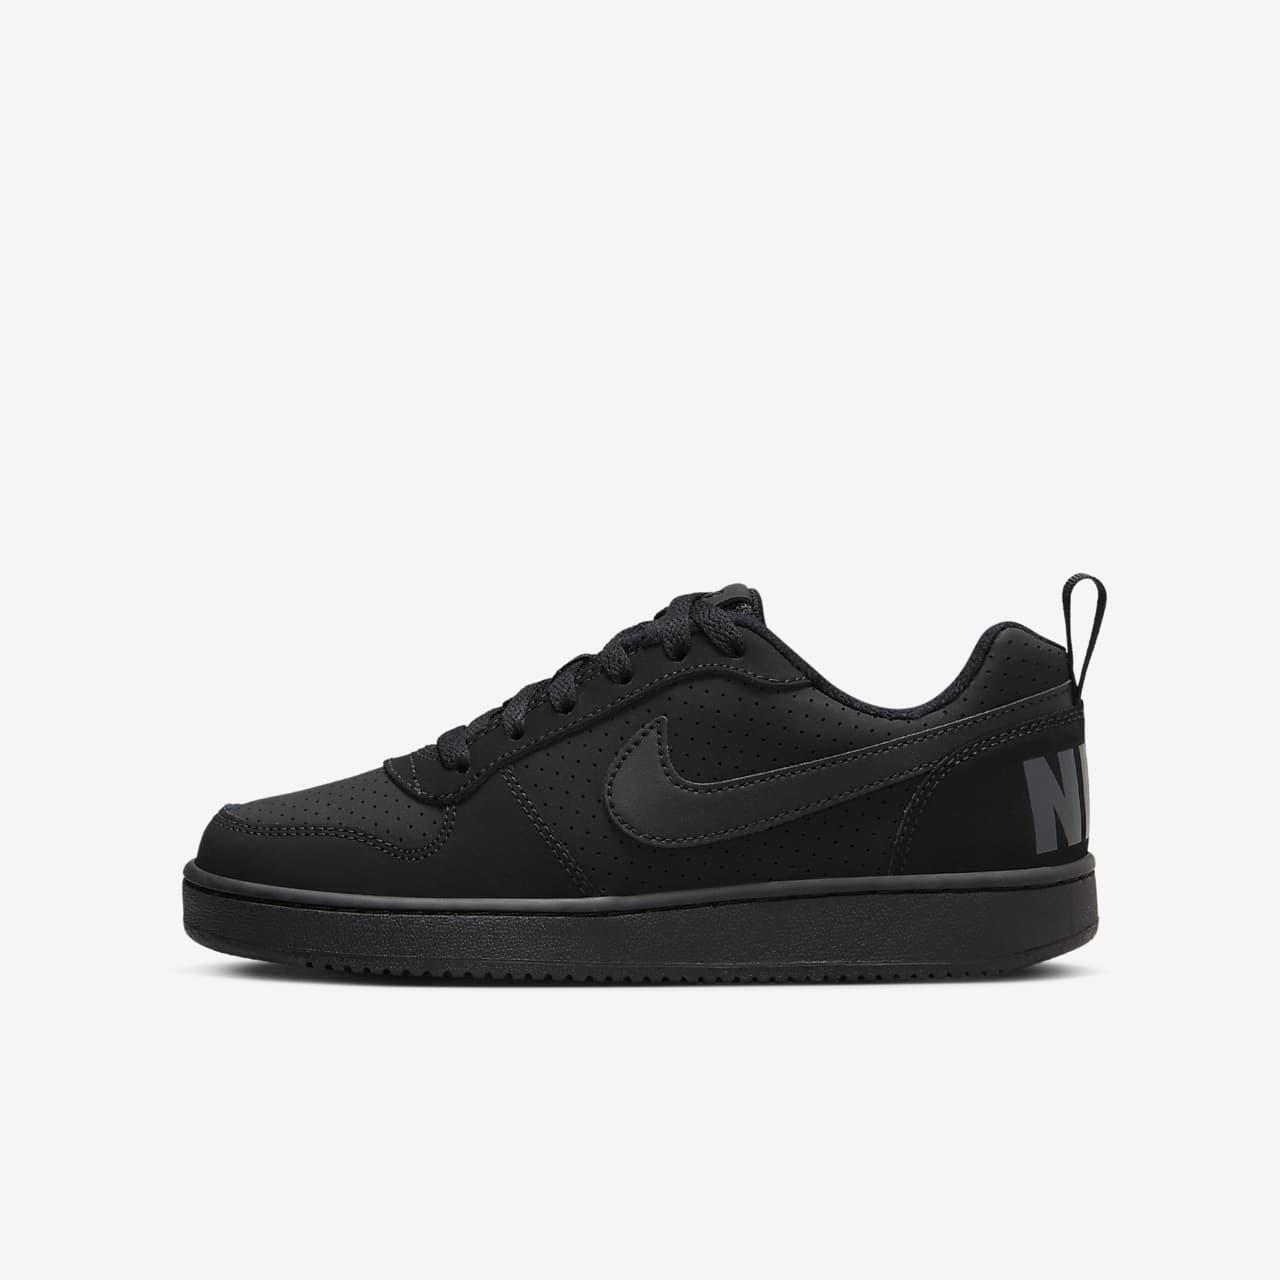 Enfant Plus Pour ÂgéFr Low Chaussure Nike Court Borough zMqGUVSp